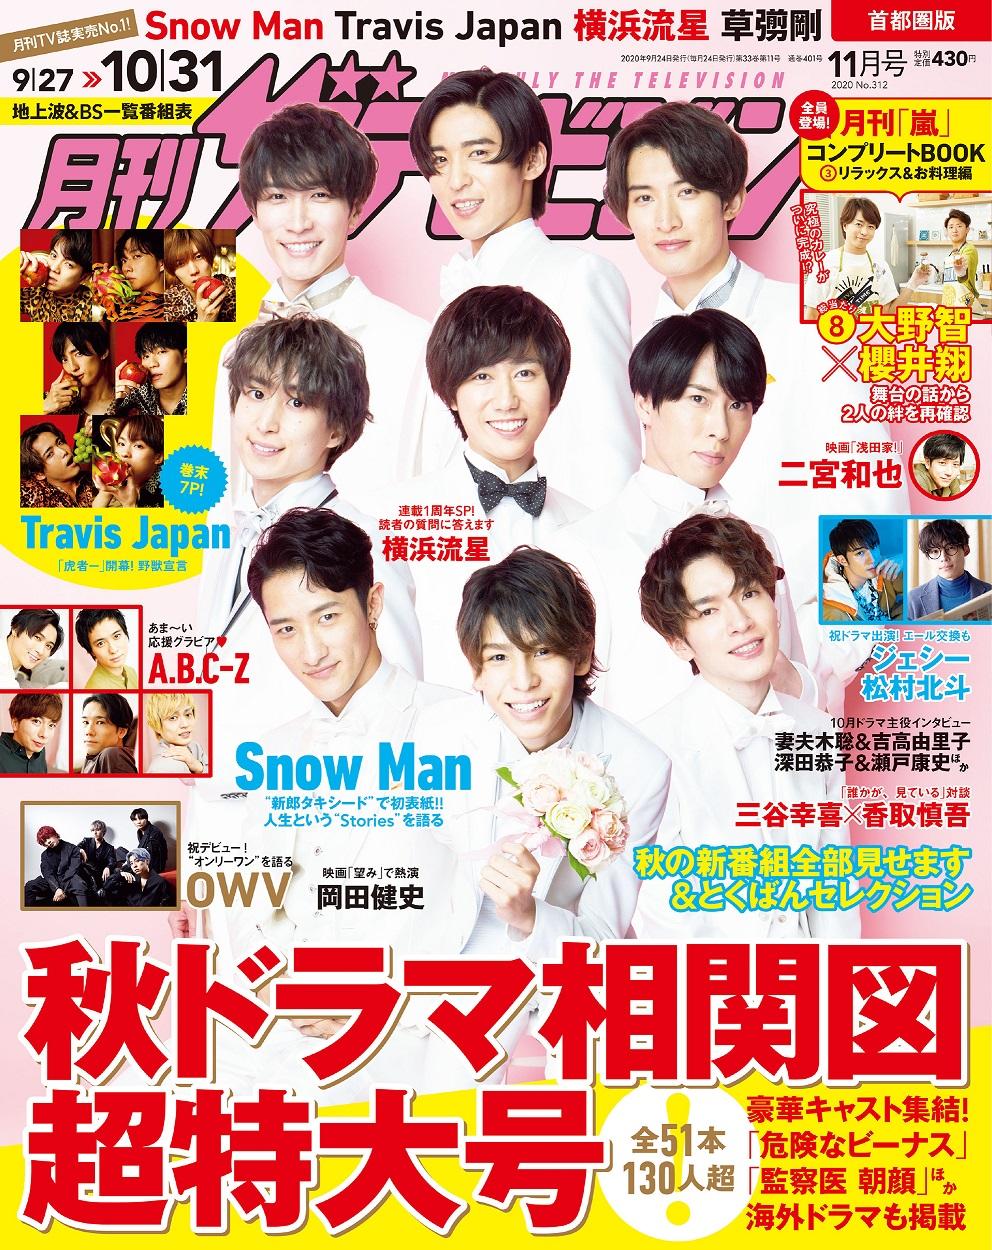 月刊ザテレビジョン 首都圏版 2020年11月号 430円